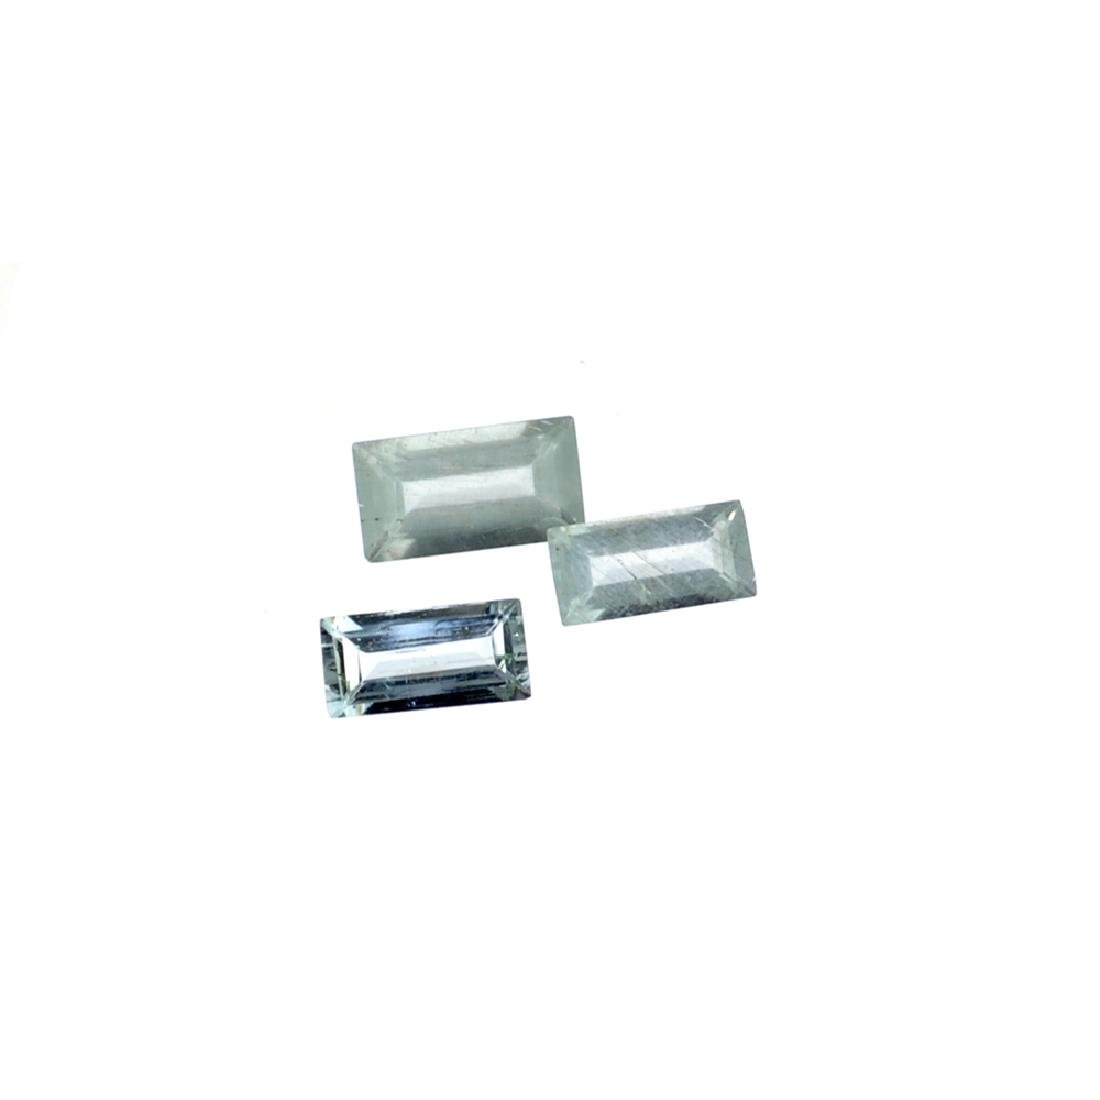 APP: 1k 2.58CT Rectangular Cut Aquamarine Parcel